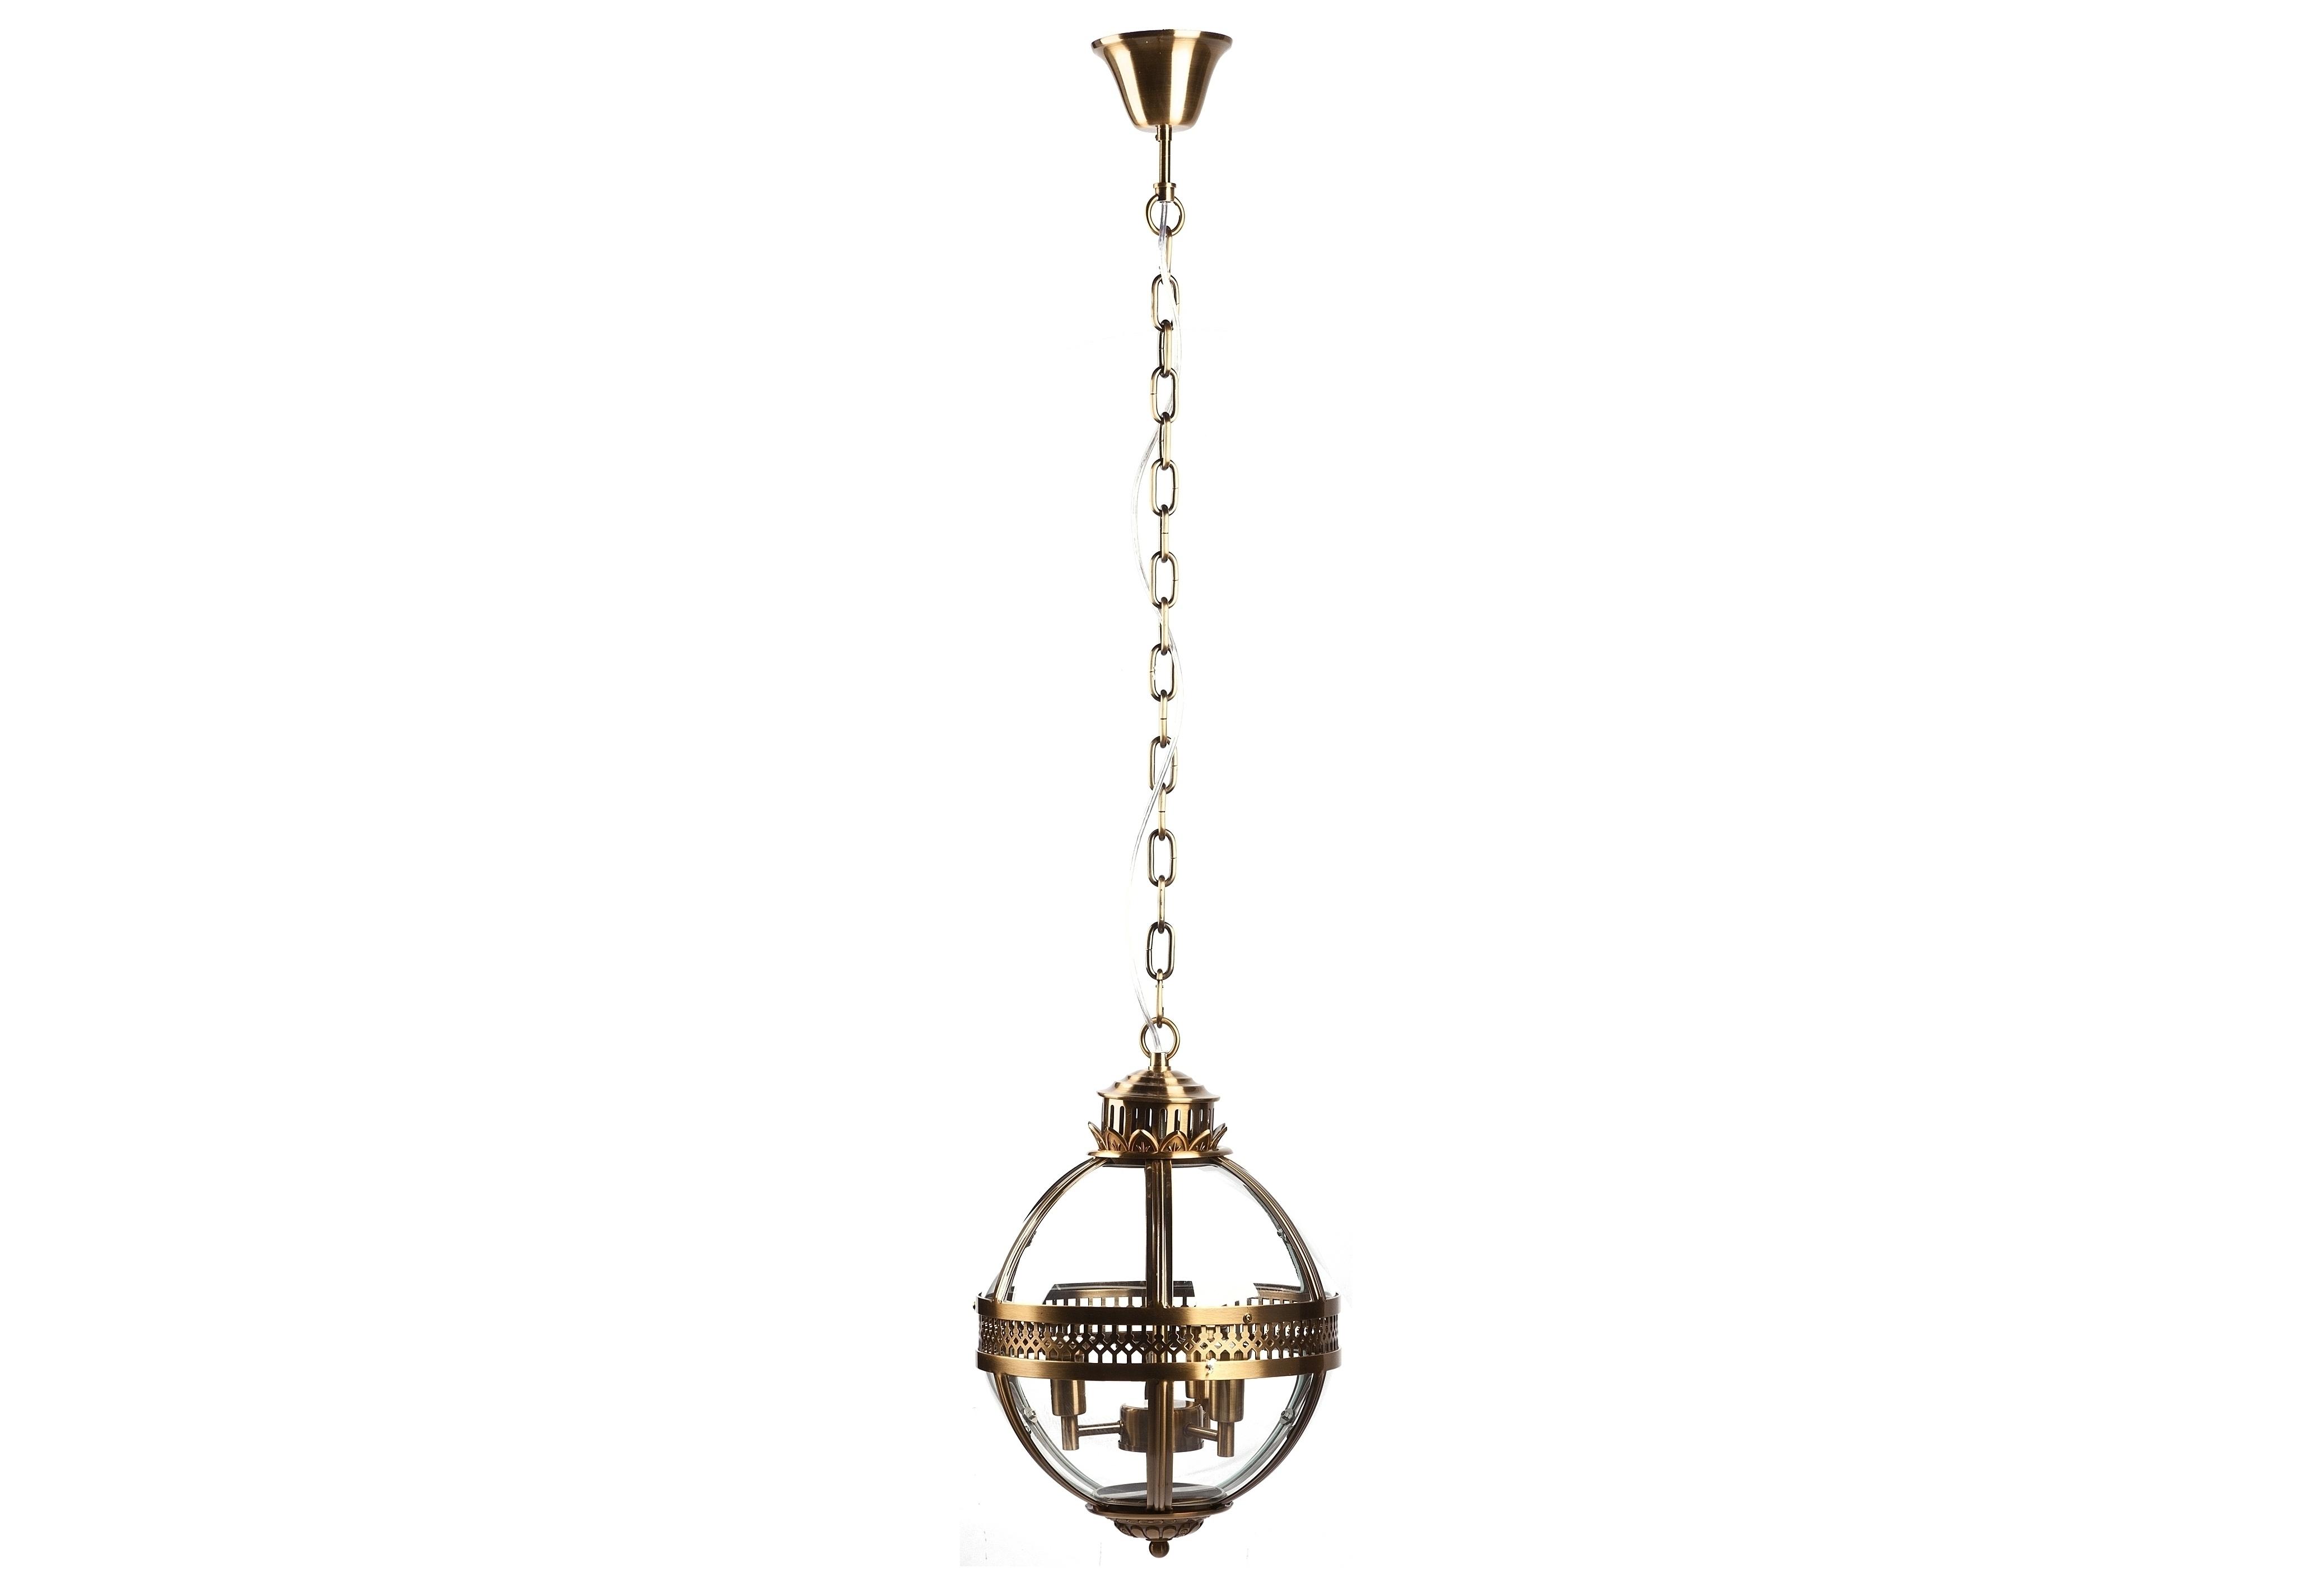 Подвесной светильник Williams ChandelierПодвесные светильники<br>&amp;lt;div&amp;gt;&amp;lt;div&amp;gt;Цоколь: E14&amp;lt;/div&amp;gt;&amp;lt;div&amp;gt;Мощность ламп: 40W&amp;lt;/div&amp;gt;&amp;lt;div&amp;gt;Количество лампочек: 3&amp;lt;/div&amp;gt;&amp;lt;/div&amp;gt;&amp;lt;div&amp;gt;Максимальная площадь освещения: 8 м&amp;lt;/div&amp;gt;&amp;lt;div&amp;gt;Материал: Металл, Стекло&amp;lt;/div&amp;gt;&amp;lt;div&amp;gt;&amp;lt;br&amp;gt;&amp;lt;/div&amp;gt;<br><br>Material: Металл<br>Height см: 43<br>Diameter см: 30